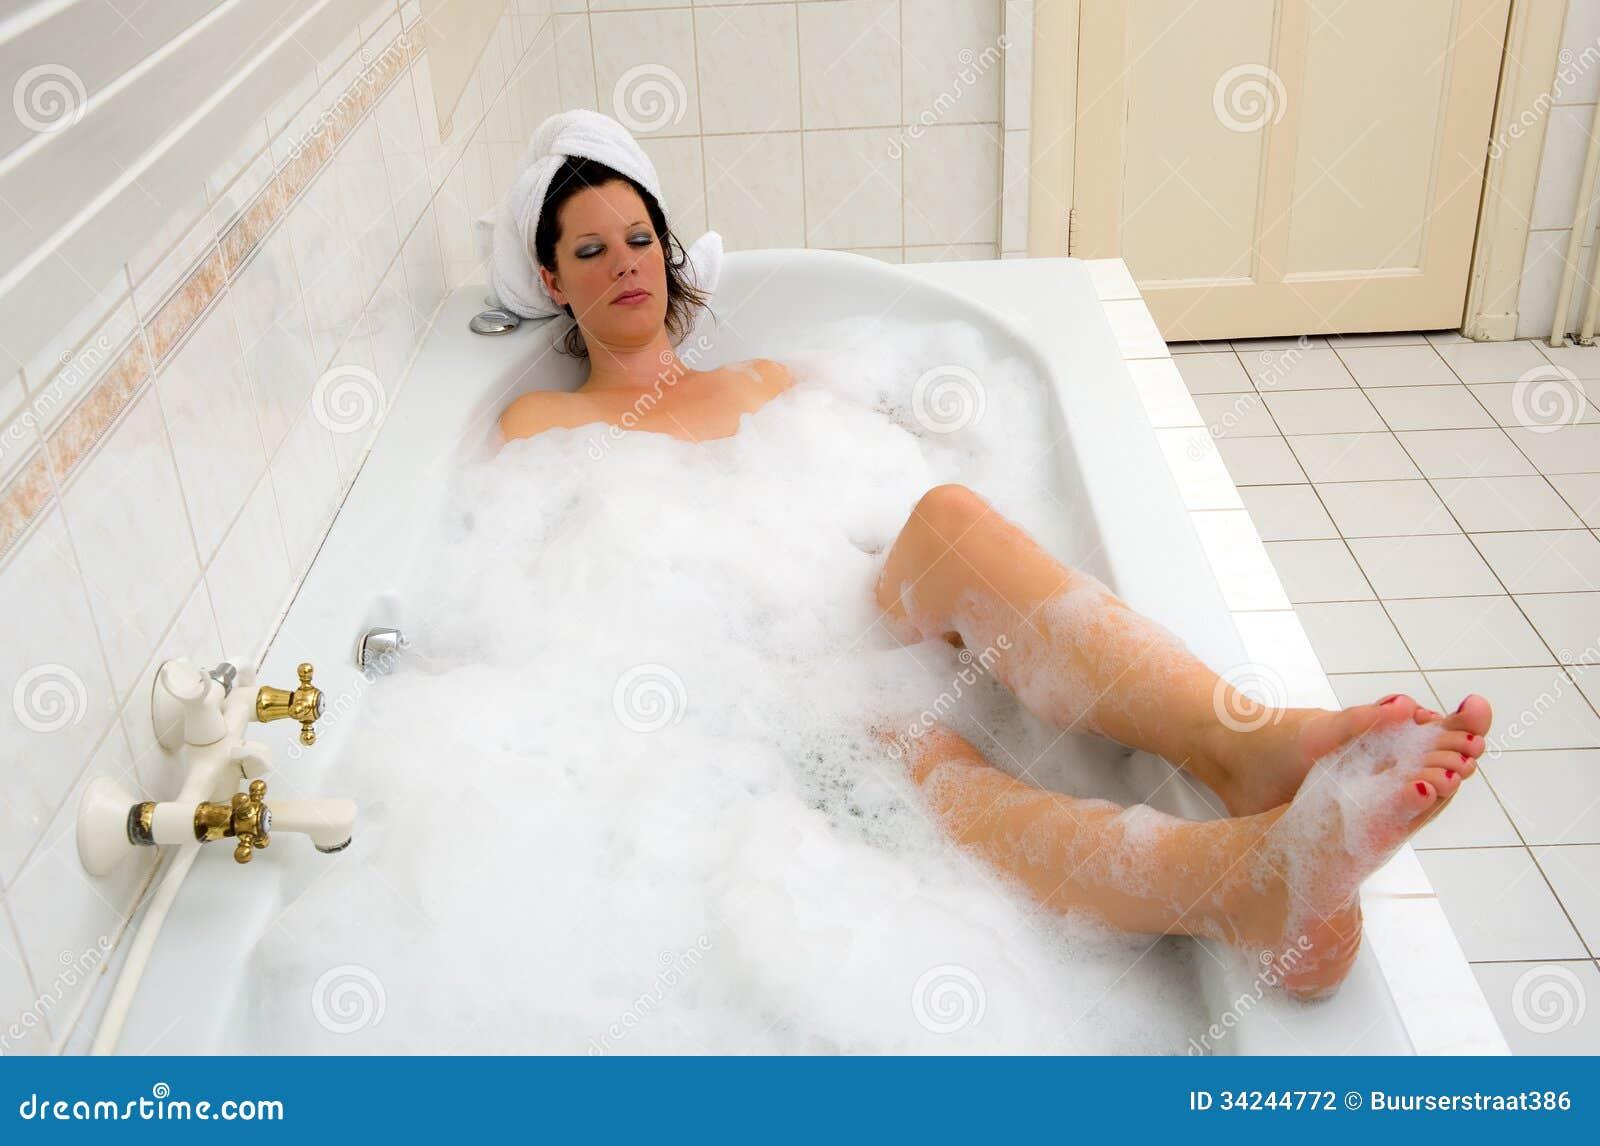 Enjoying a hot bath stock photography image 34244772 for Hot bathrooms photos